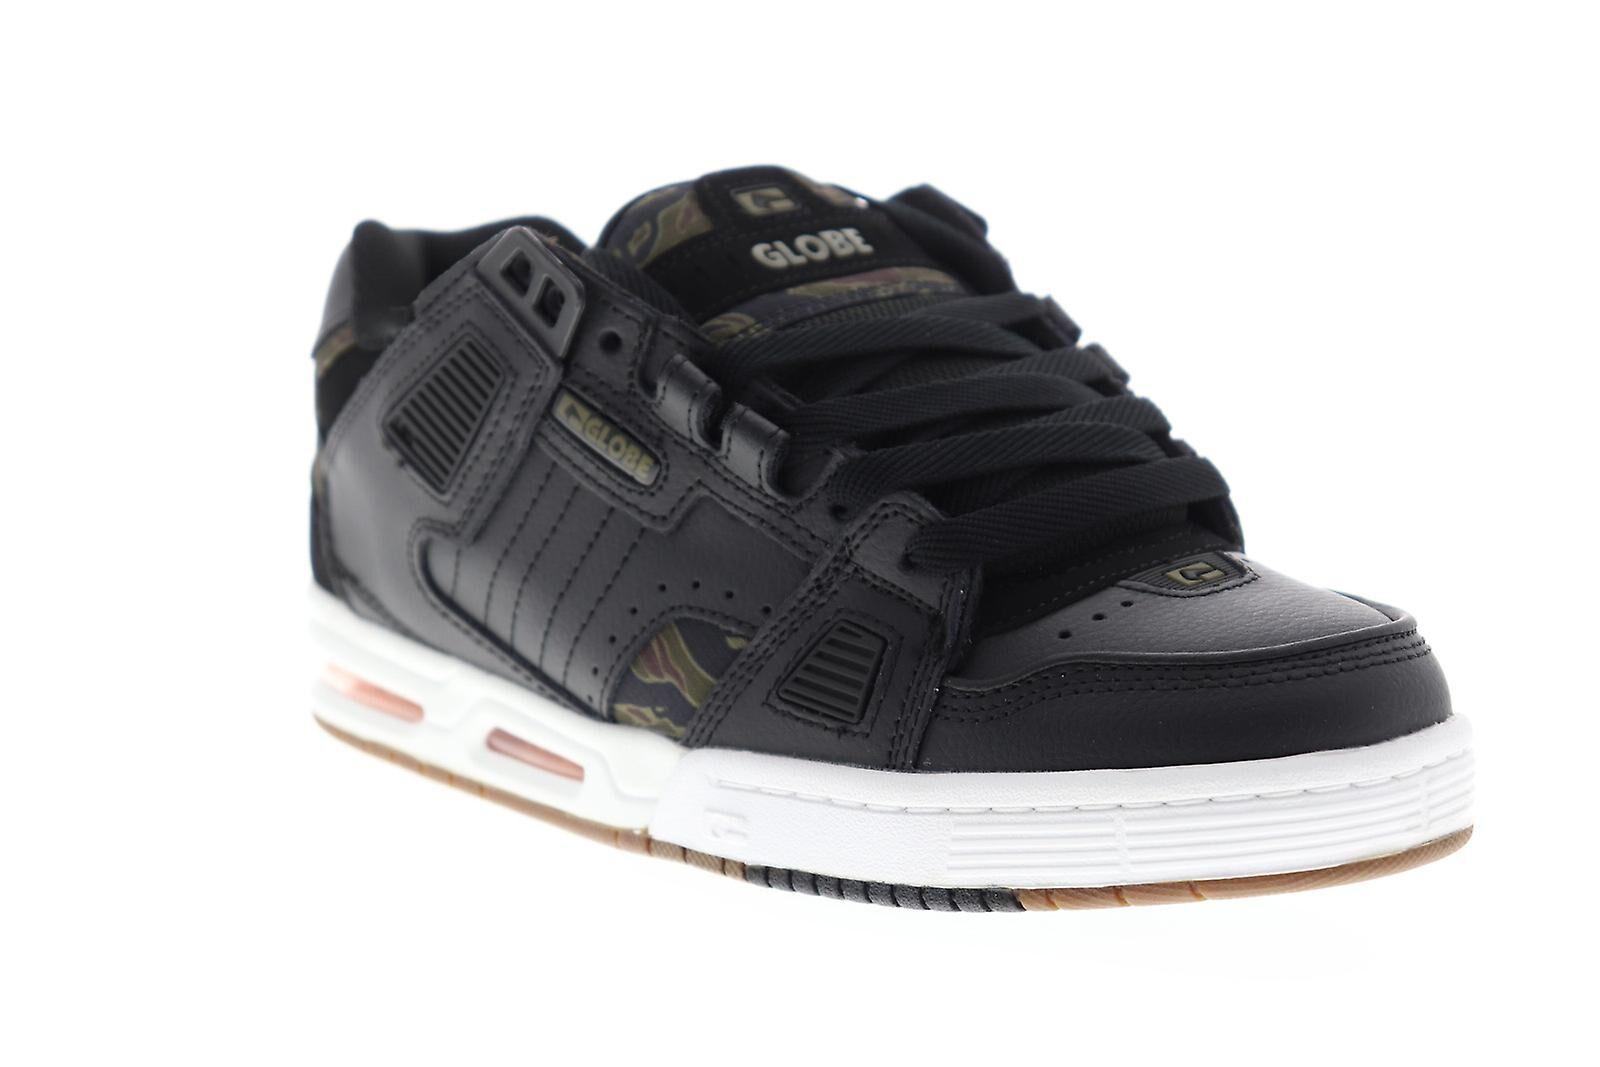 Globe Sabre Hommes Noir Synthétique Athletic Lace Up Chaussures de ...